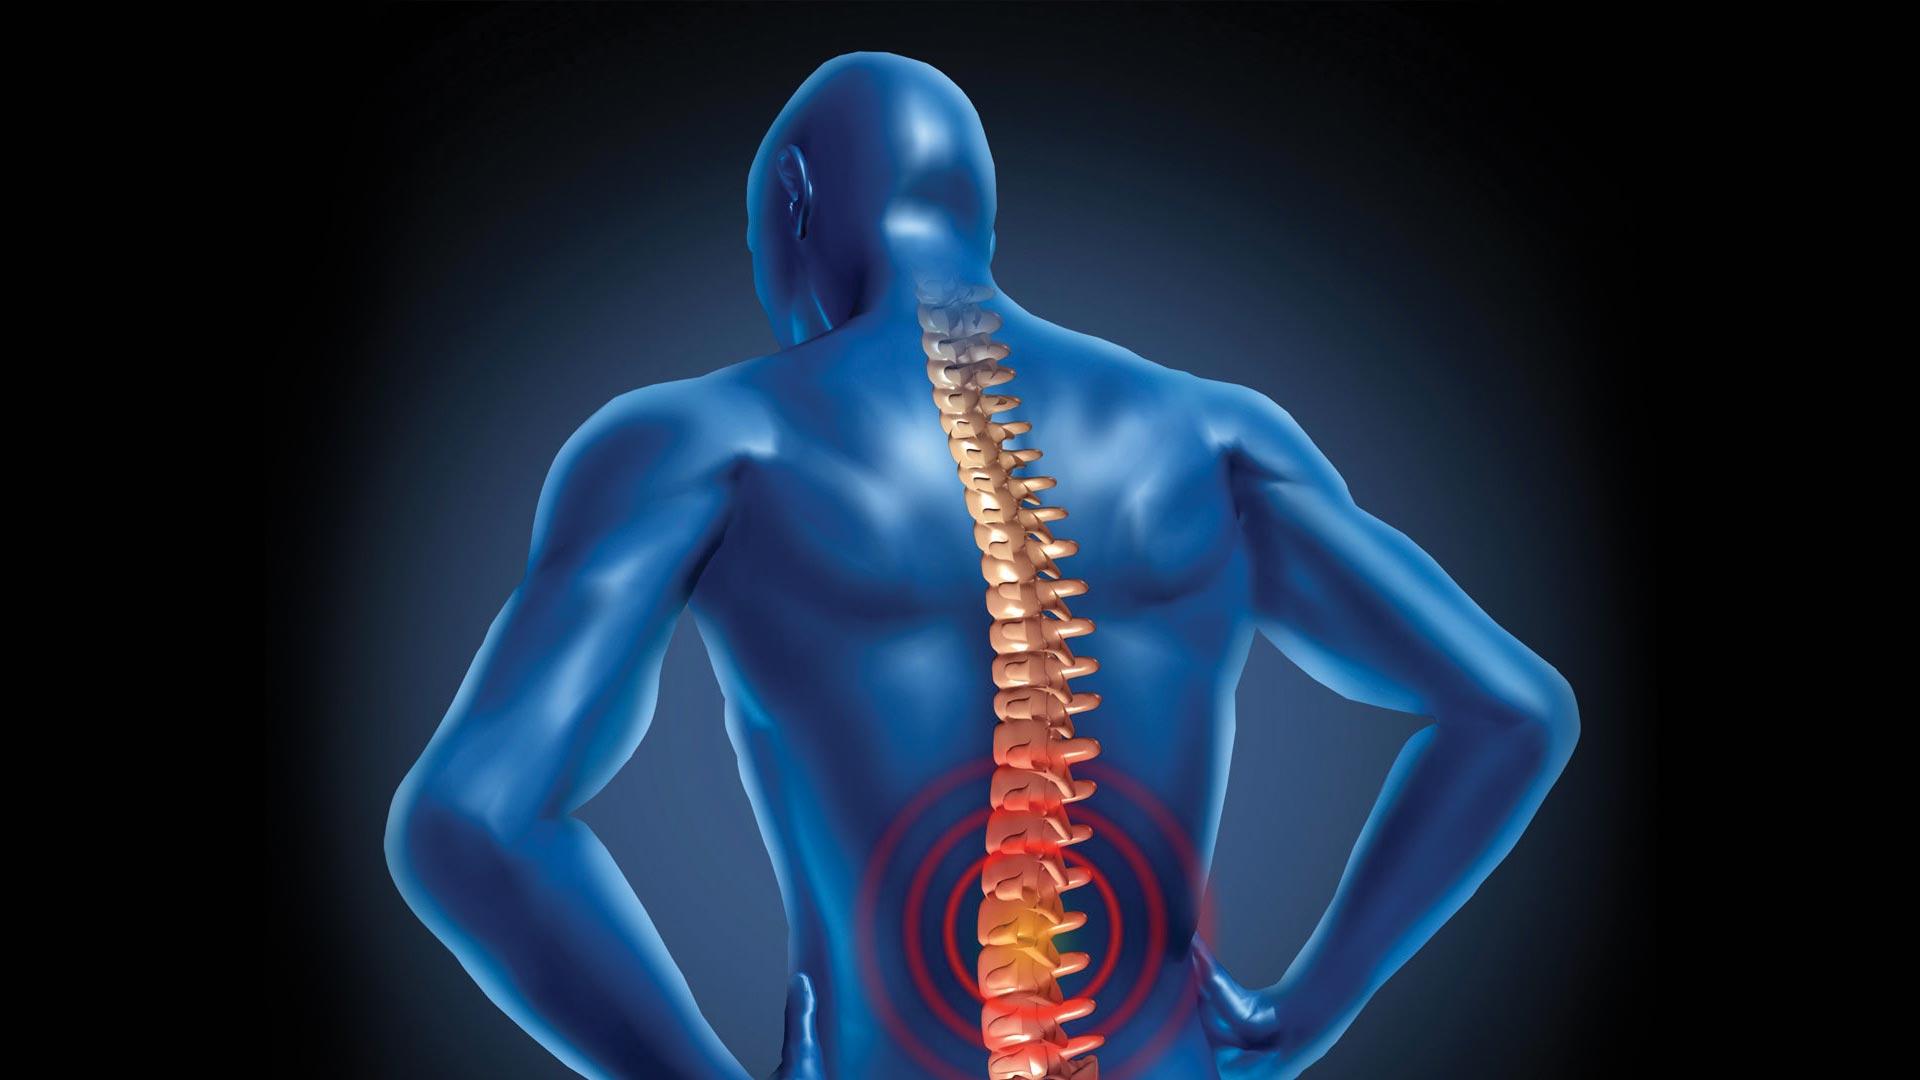 Qu'est-ce que la chiropraxie ? - Chiropraxie Centre Alsace ...